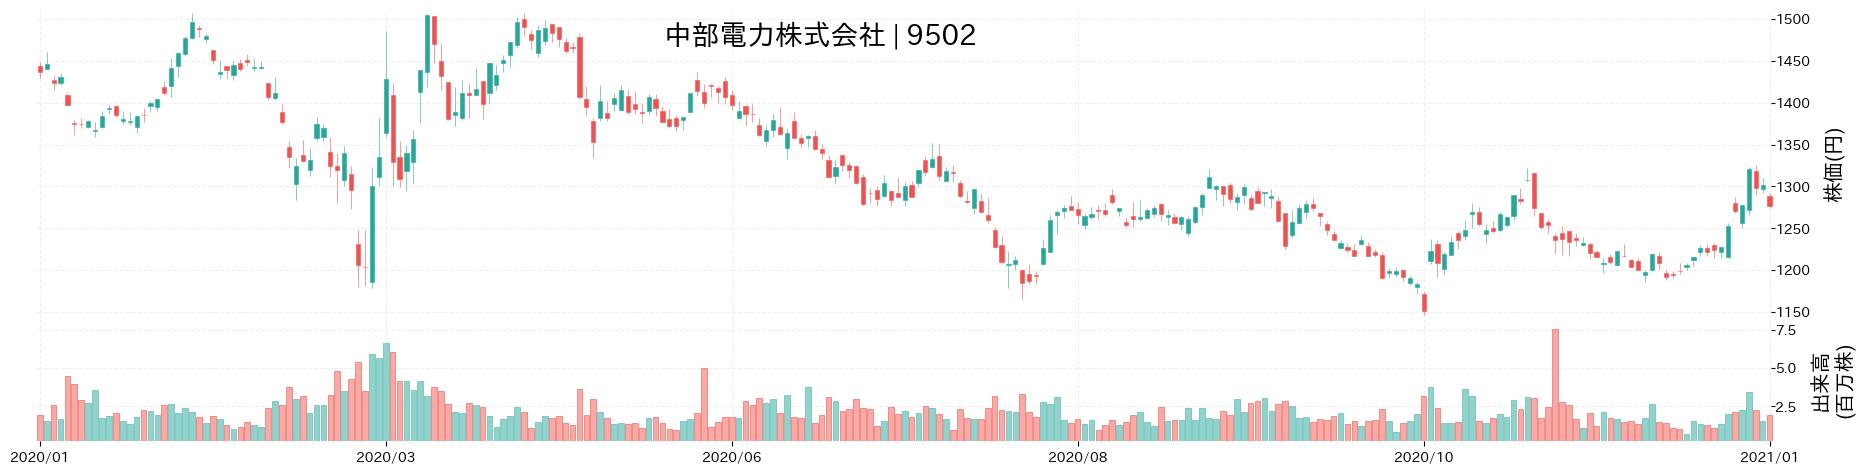 中部電力株式会社の株価推移(2020)